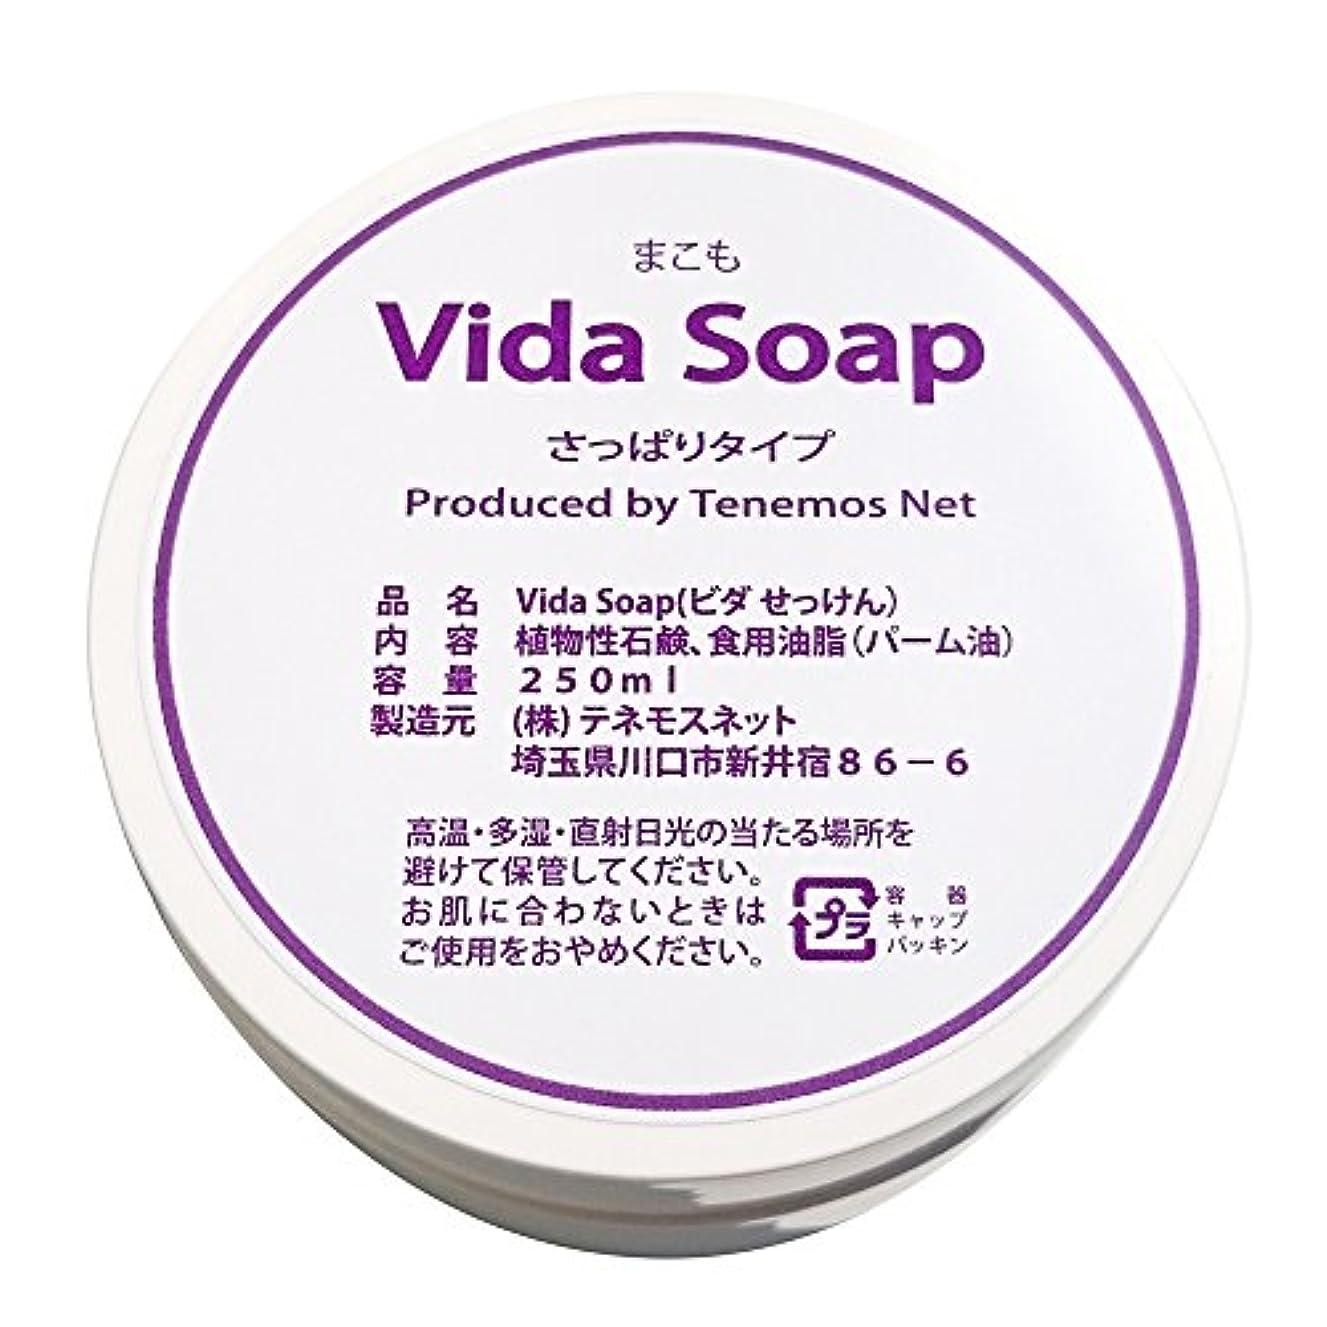 ドット火星思想テネモス ビダせっけん Vida Soap さっぱりまこも 植物性 250ml